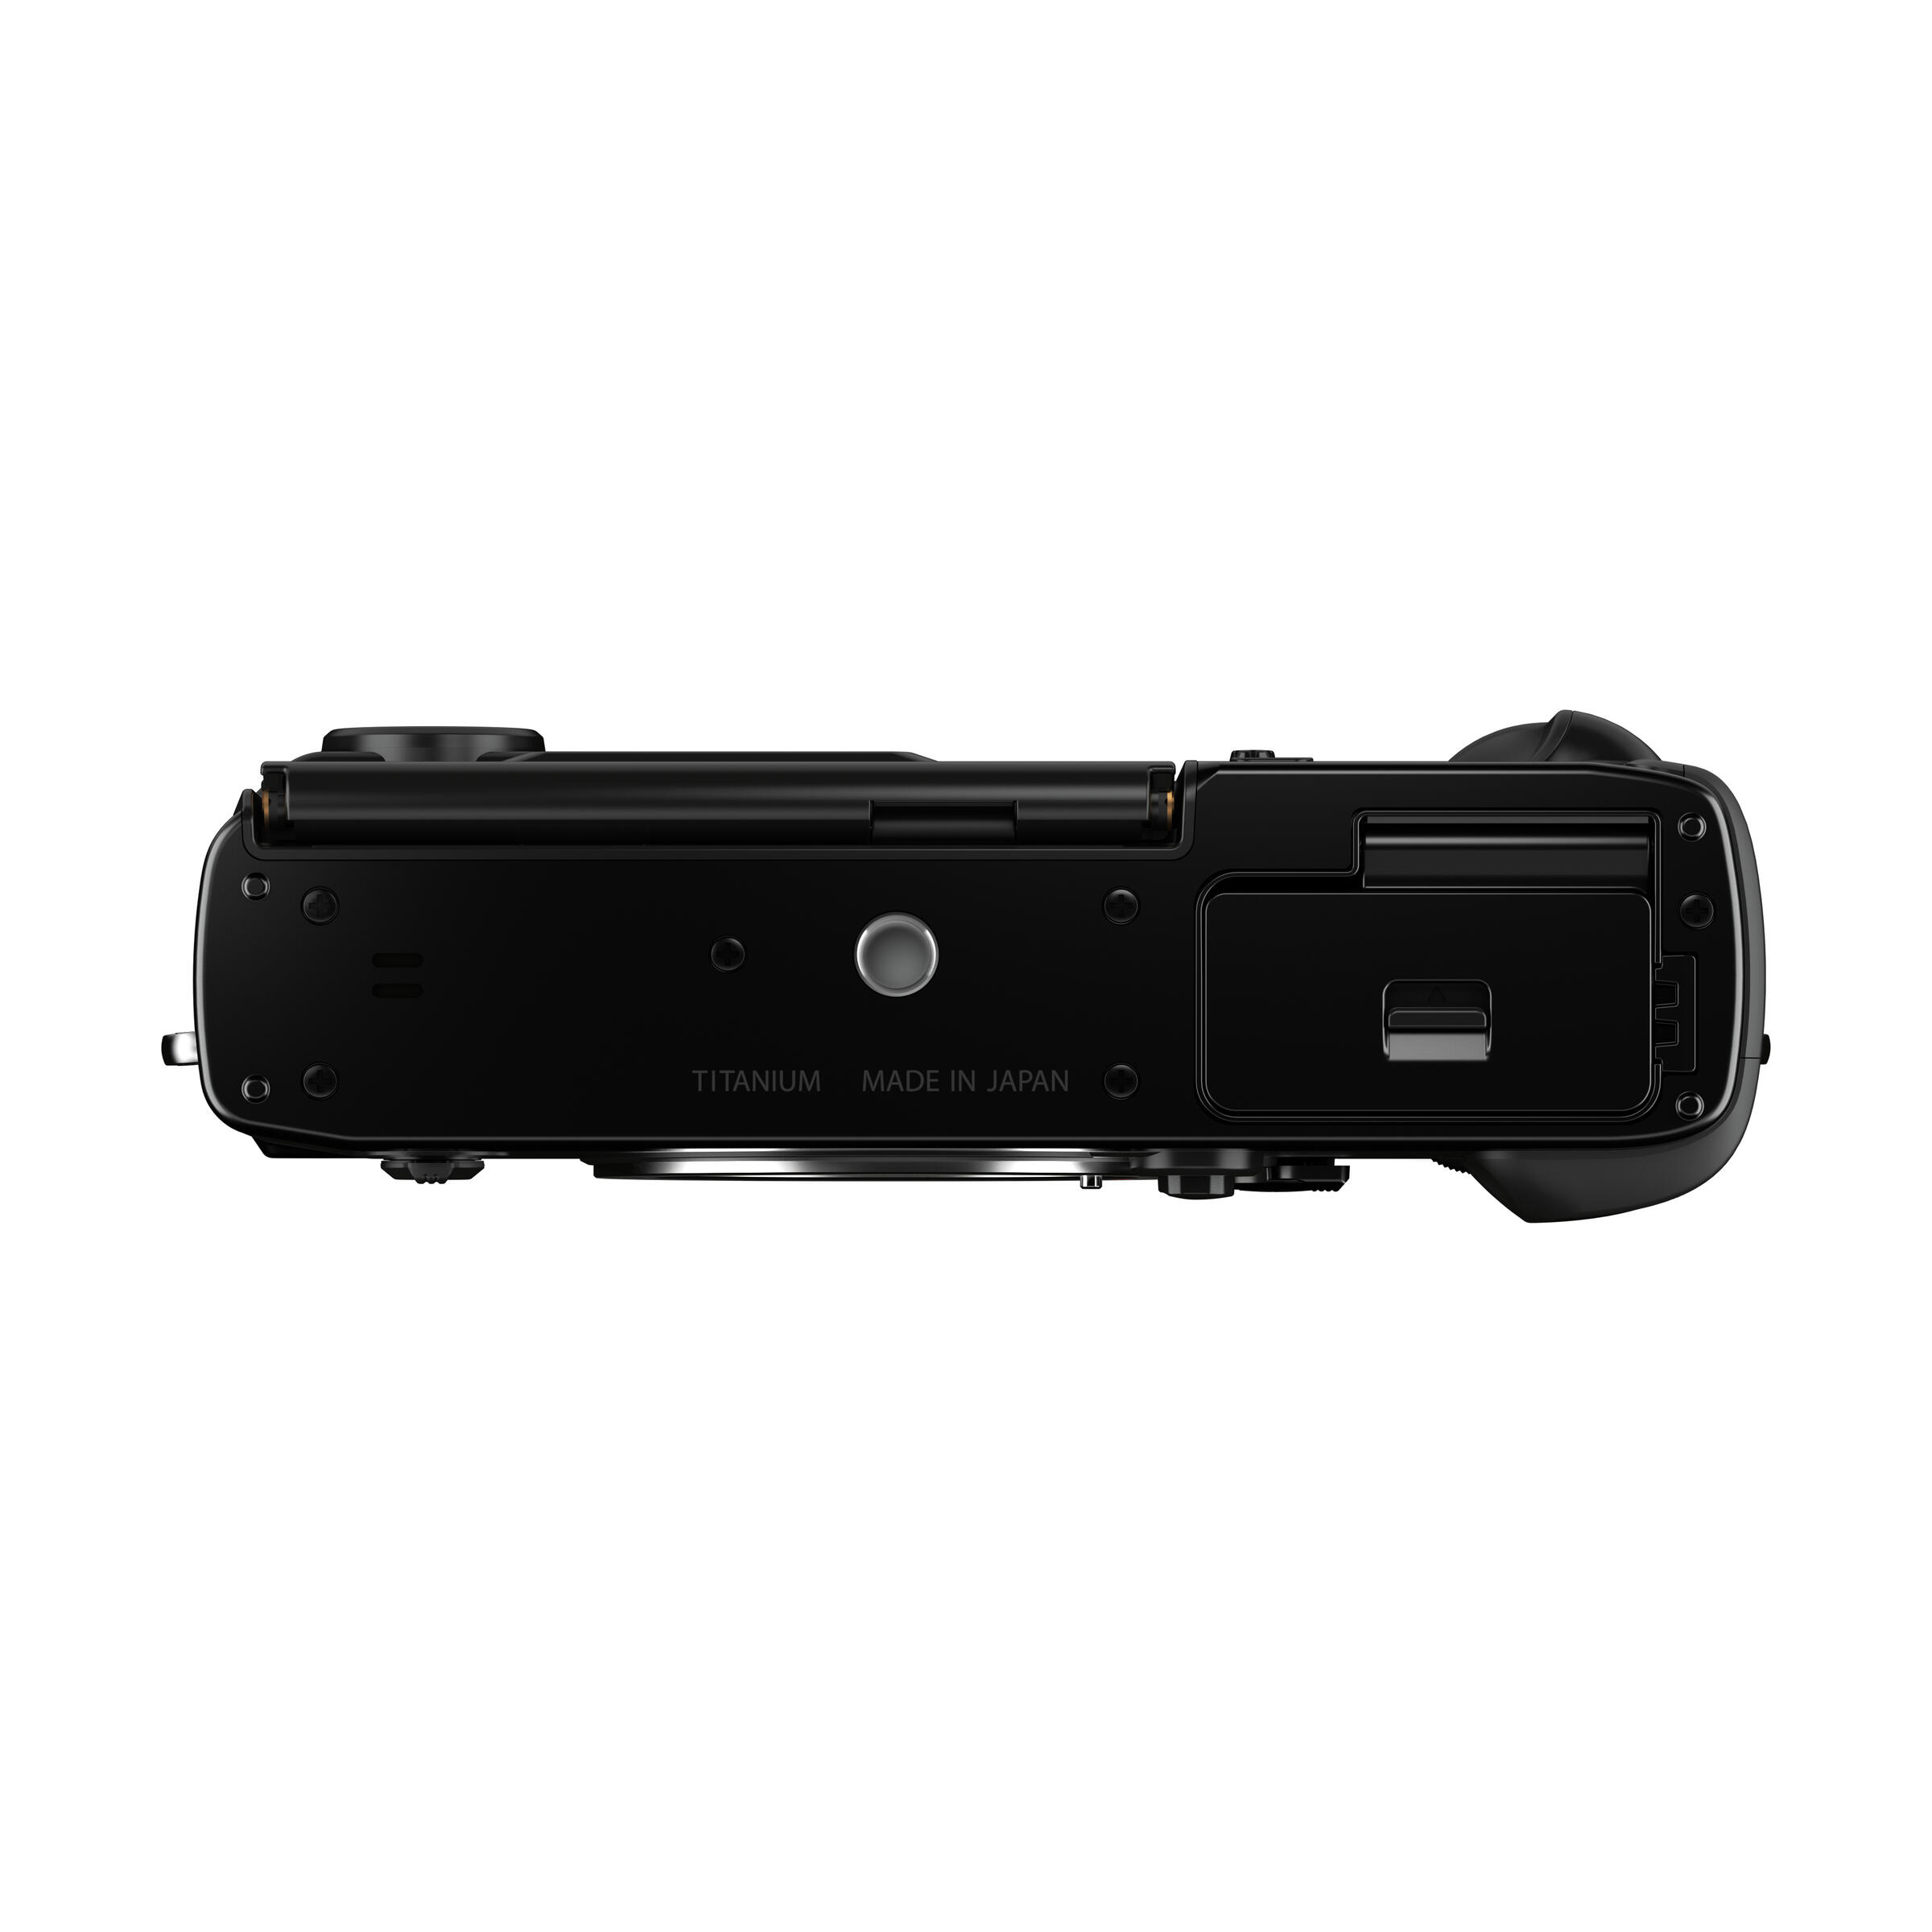 Fujifilm X-Pro3 : Schwarz